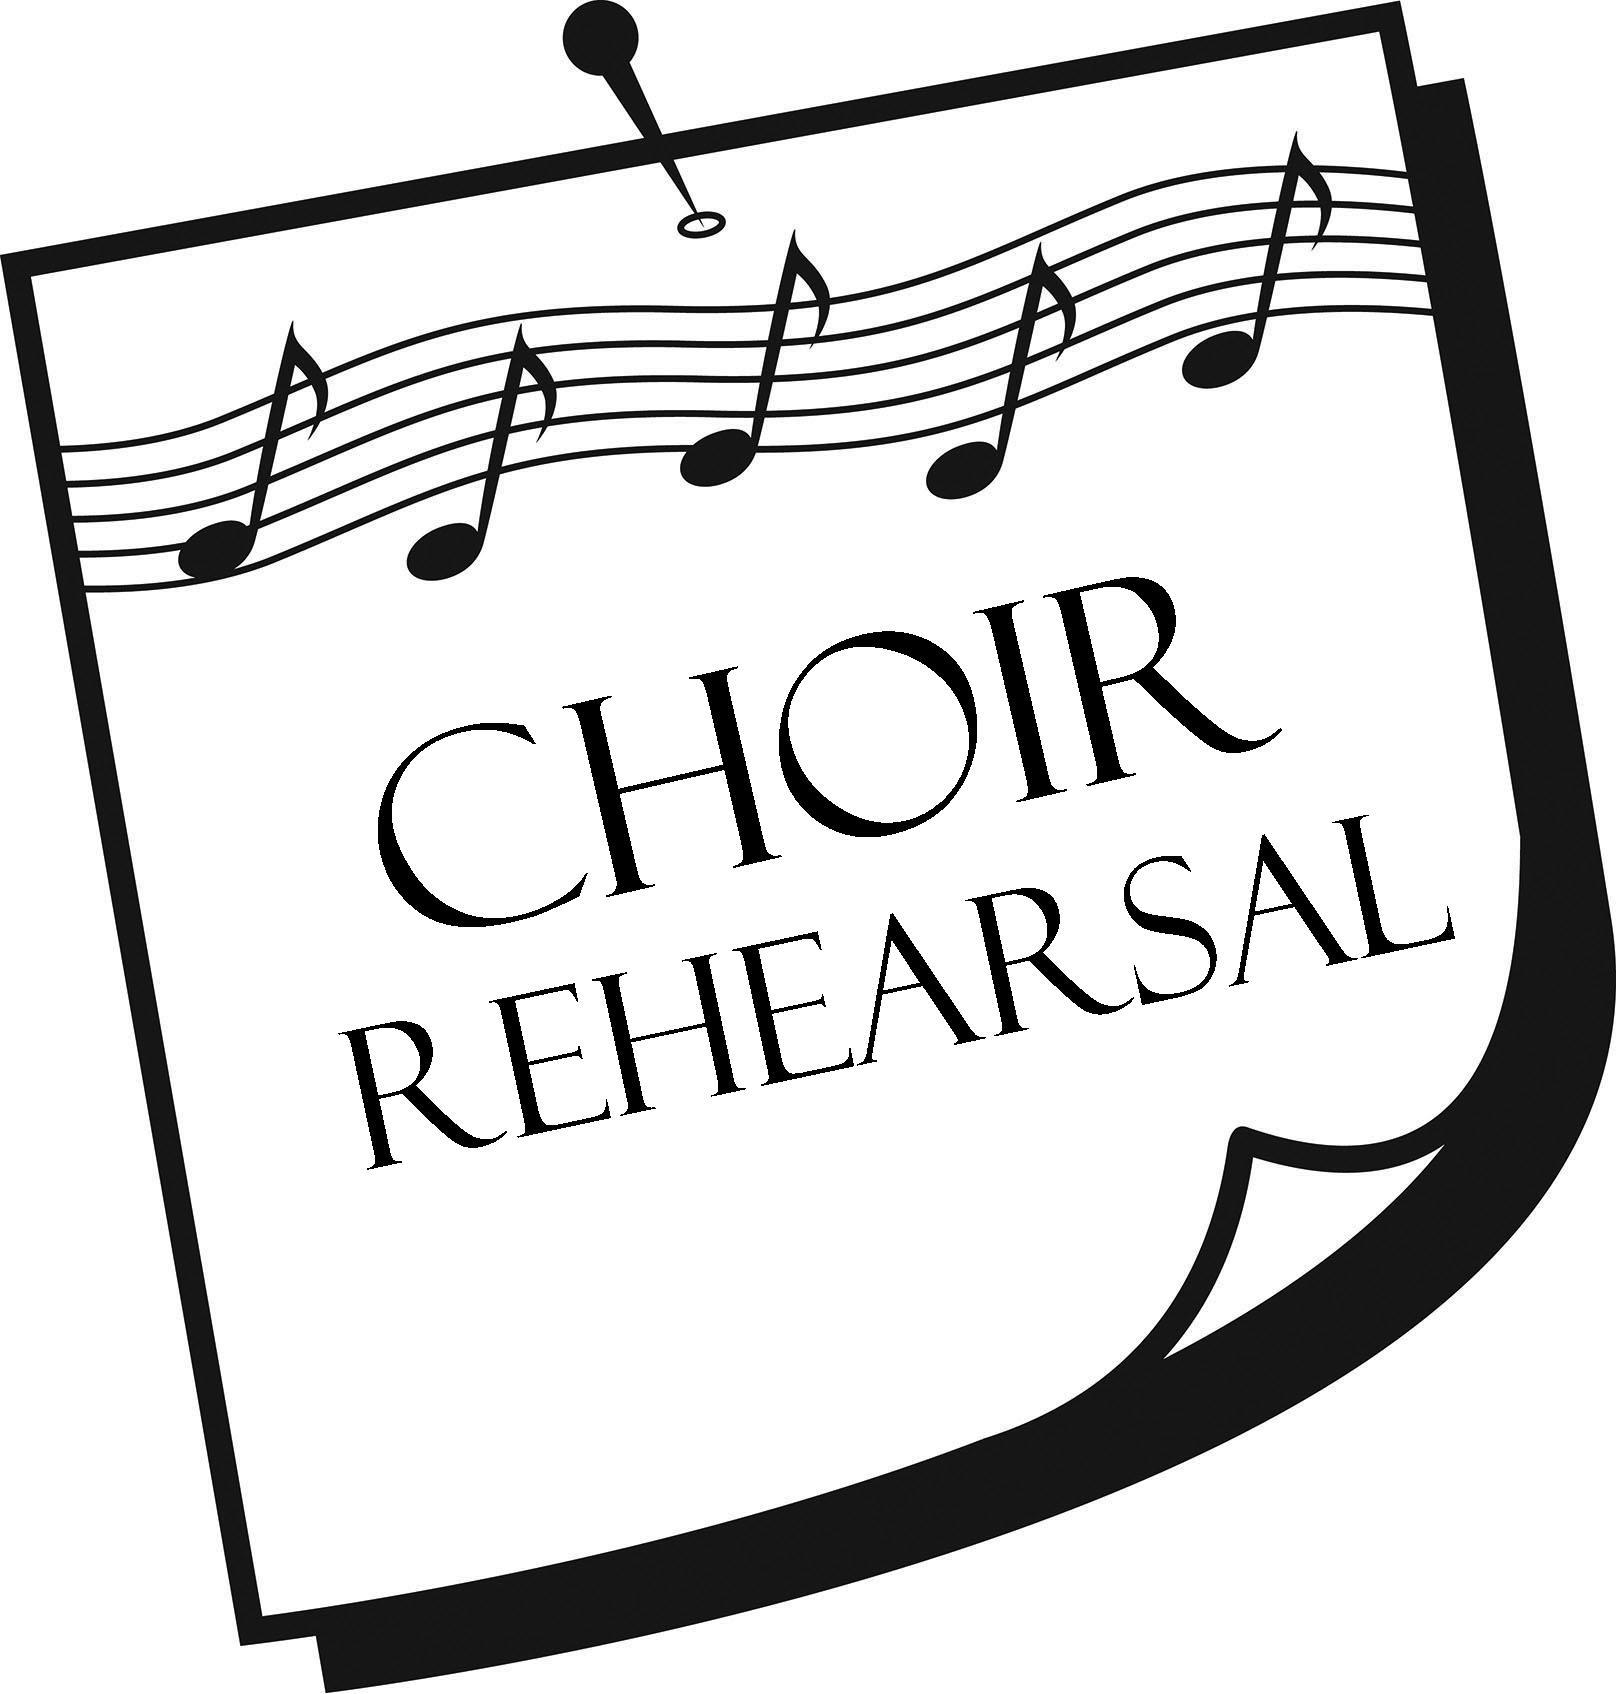 1719 Choir free clipart.